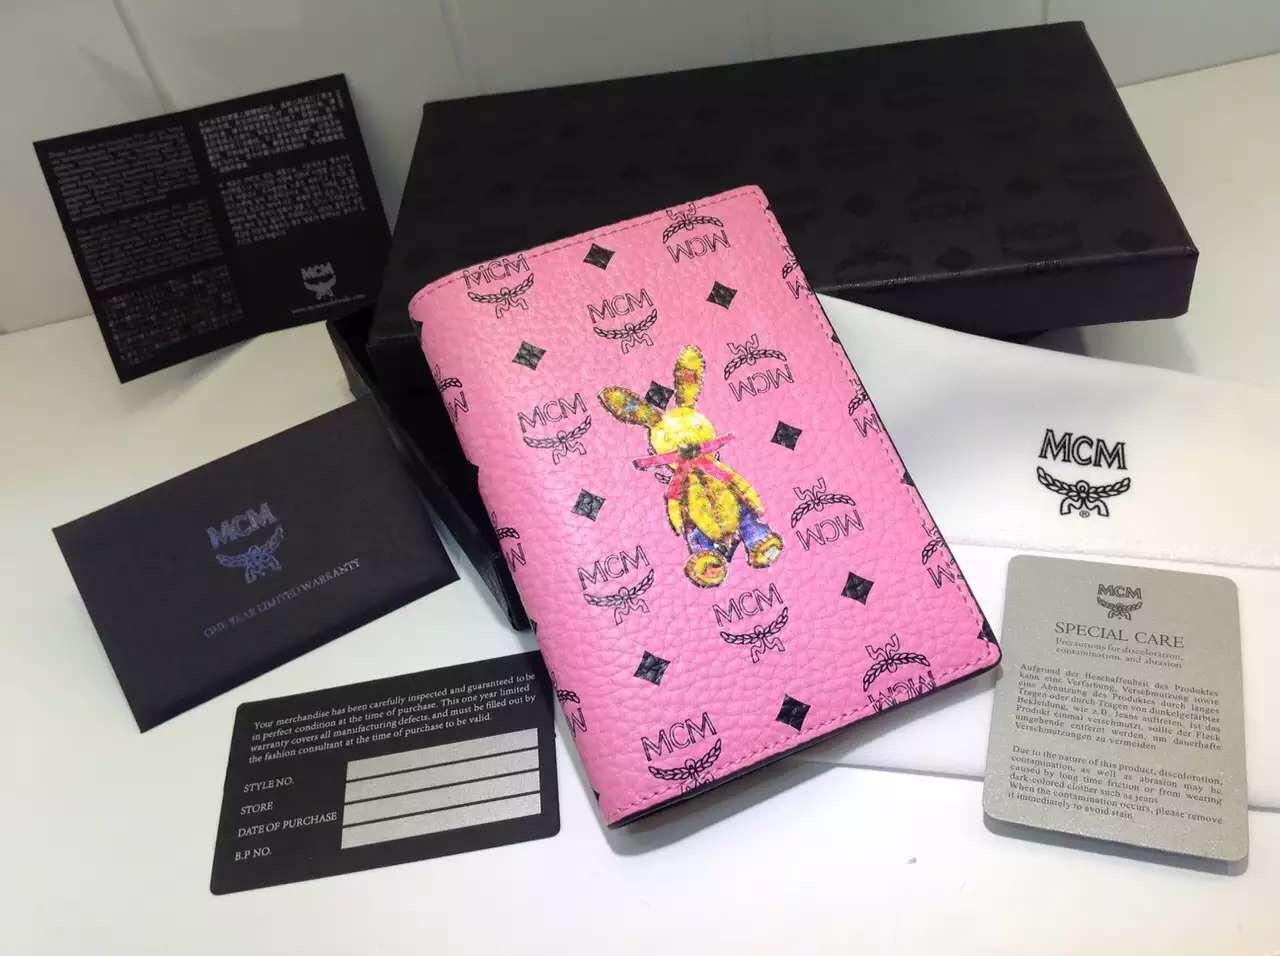 MCM 小兔子钱包 原版品质 粉色